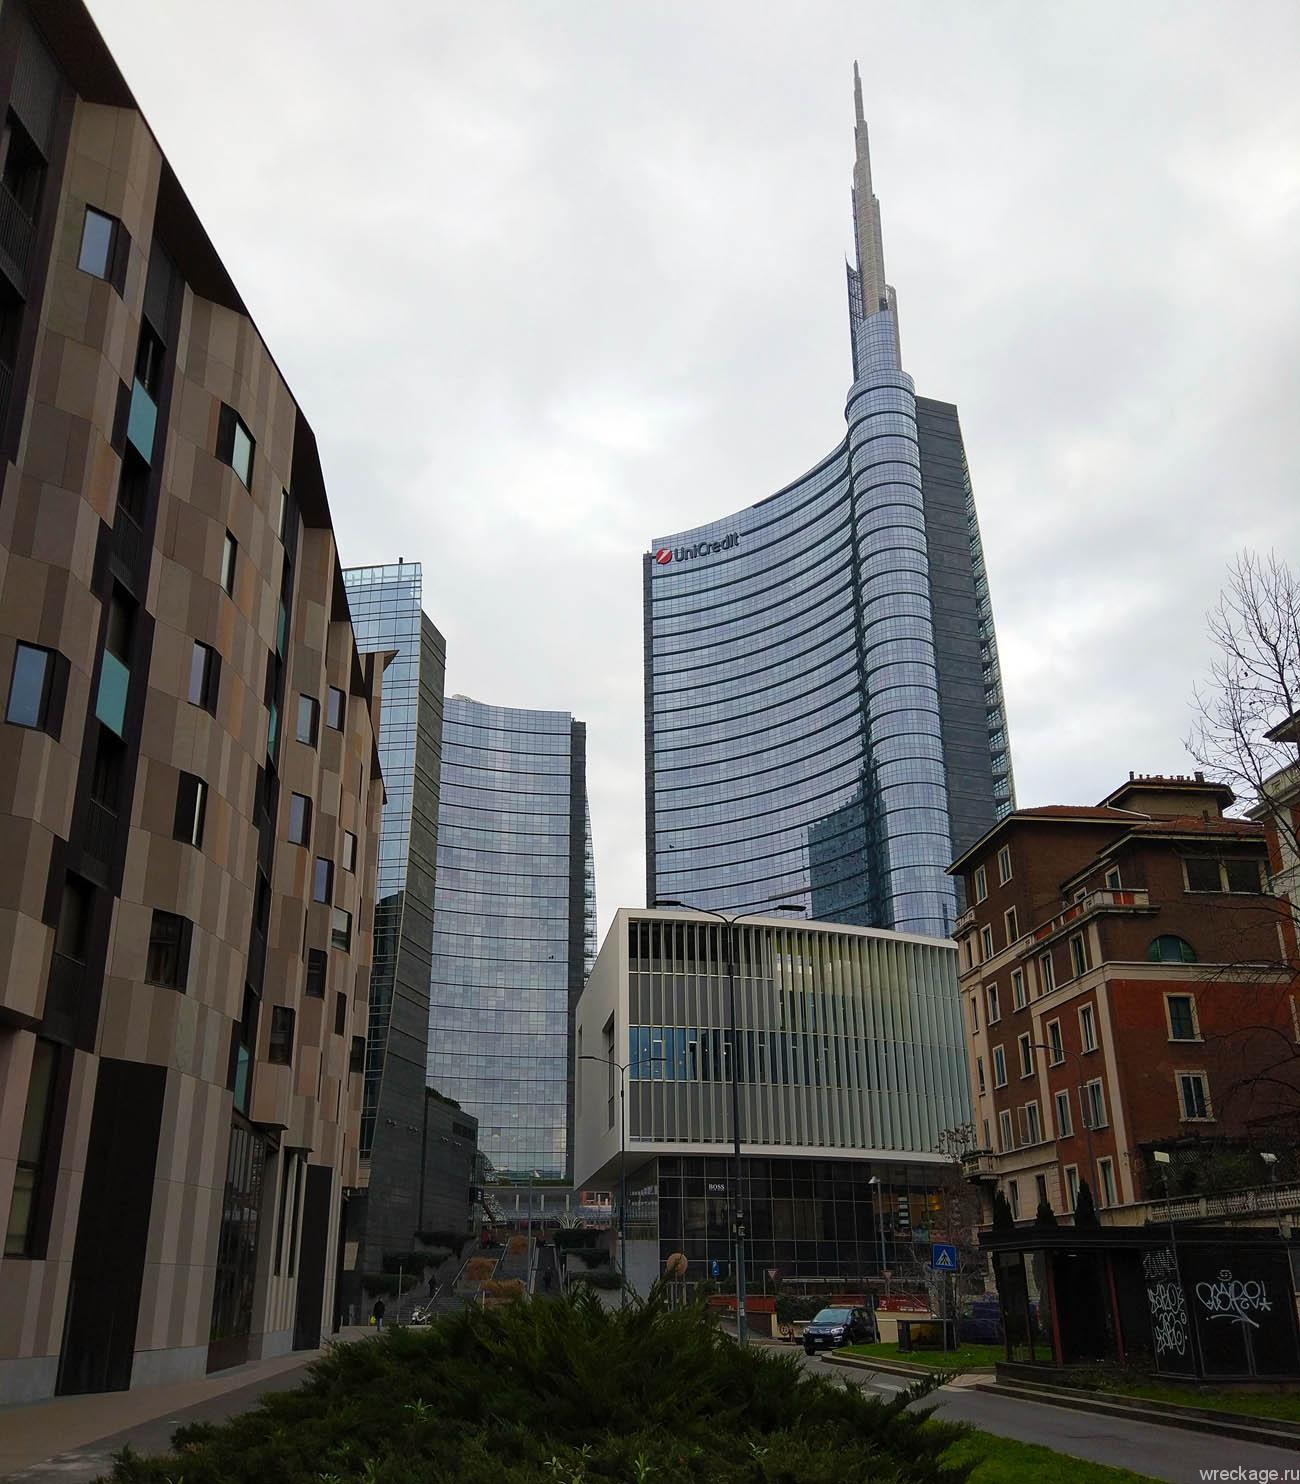 Башня UniCredit (Милан) - высочайшее здание